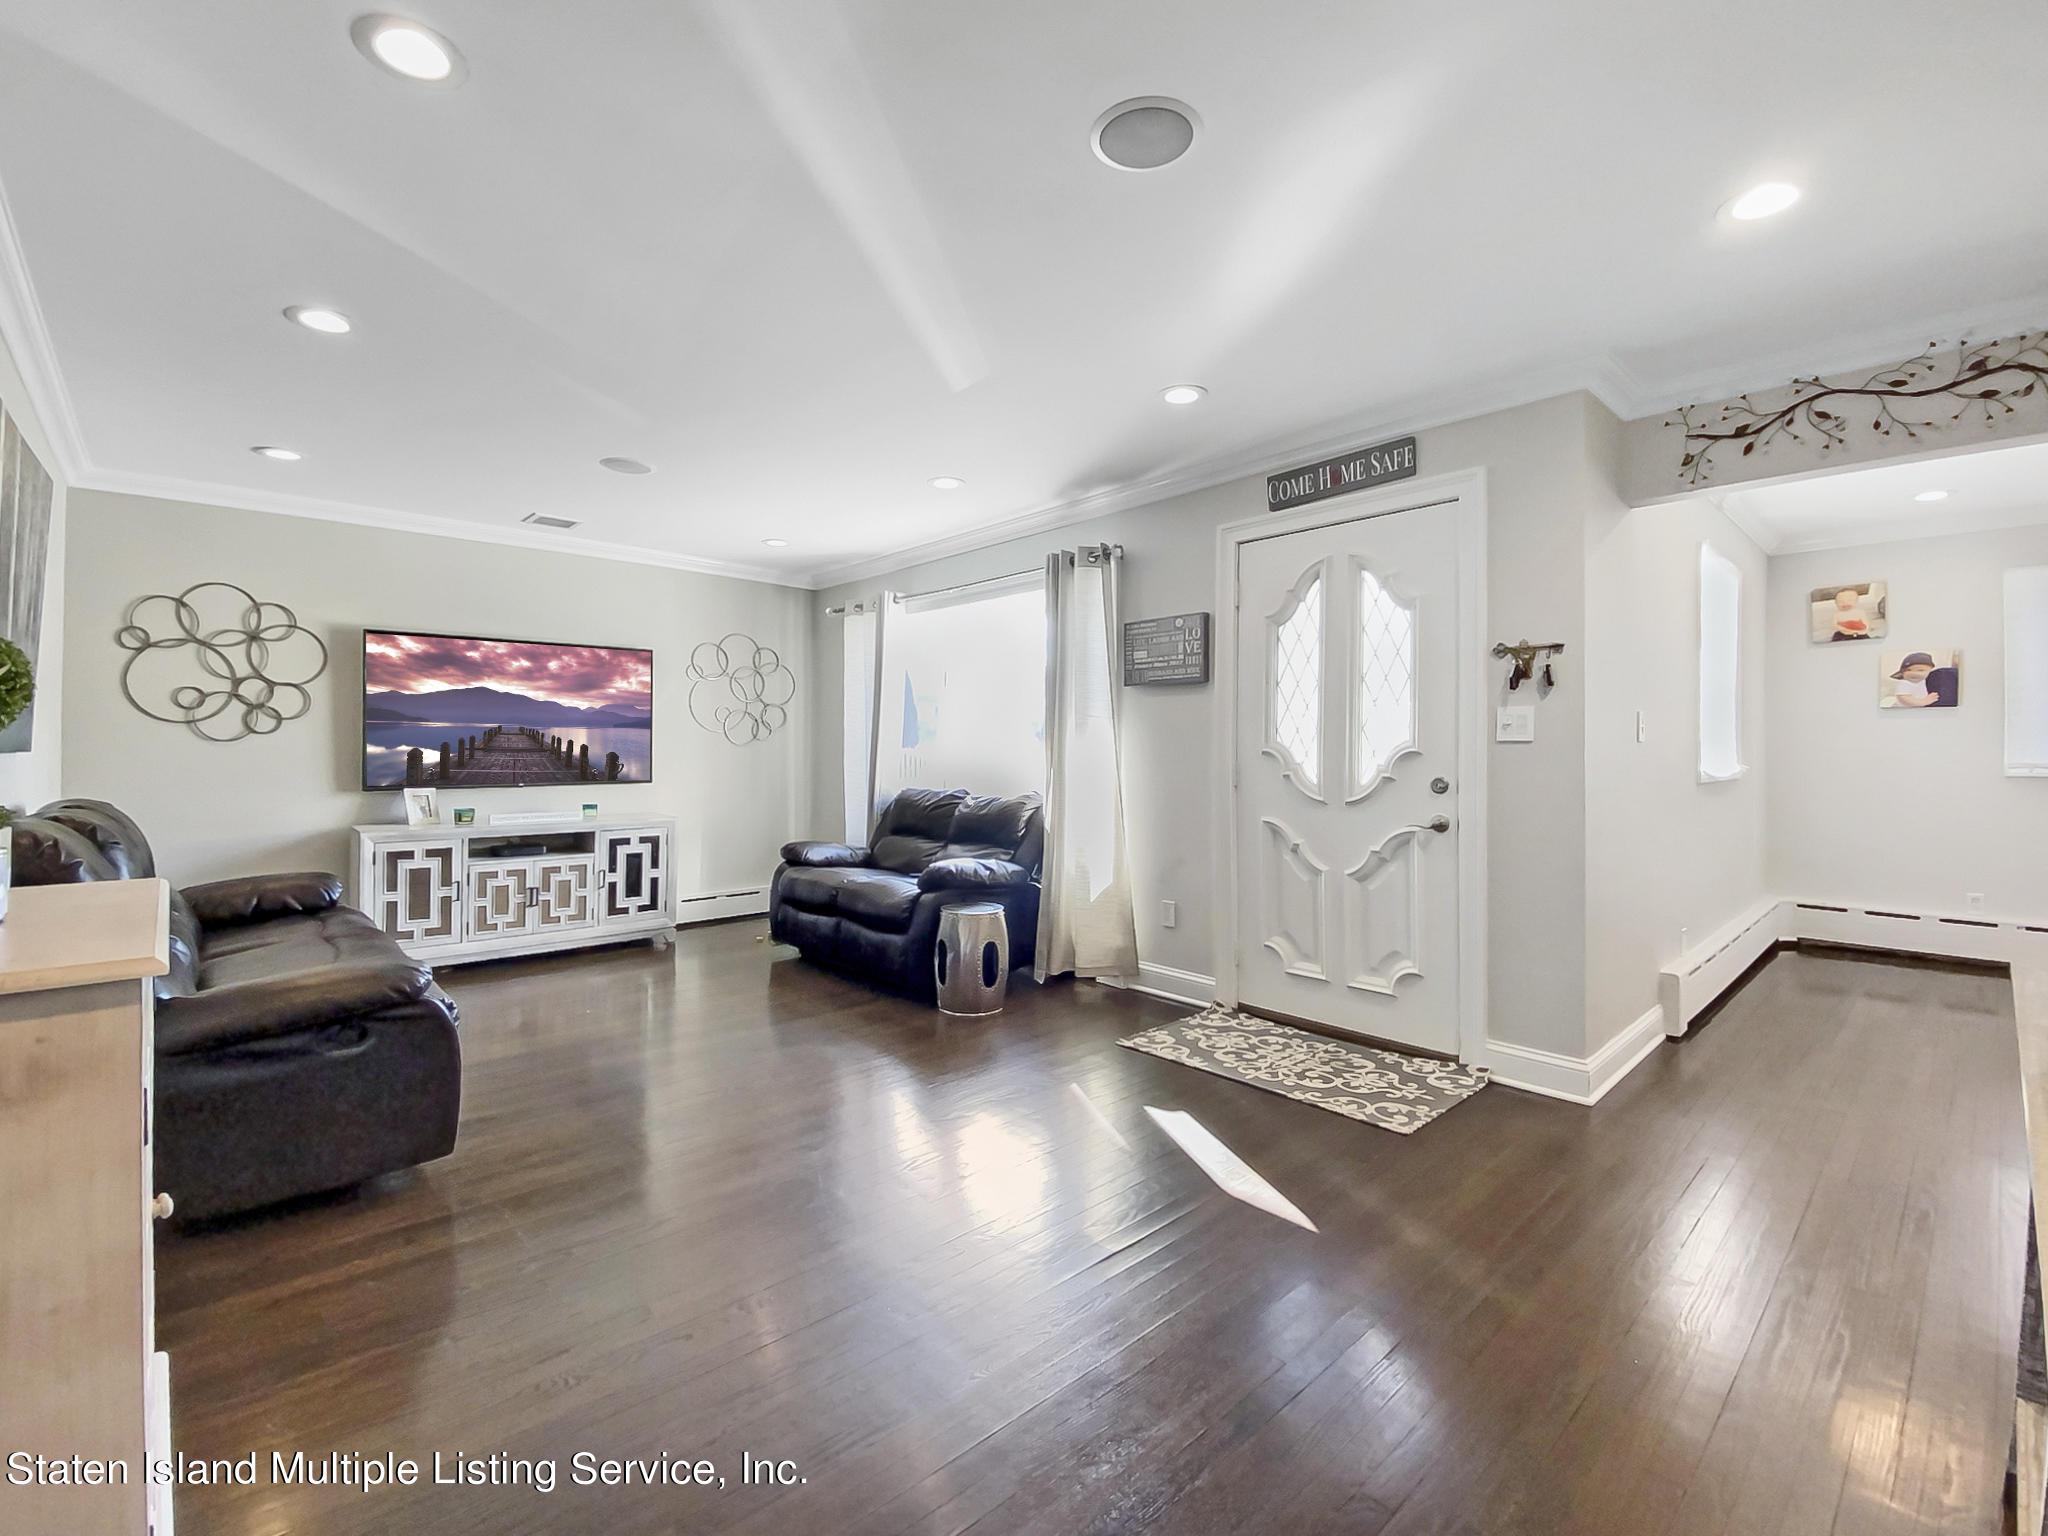 Single Family - Detached 543 Wainwright Avenue  Staten Island, NY 10312, MLS-1143141-11